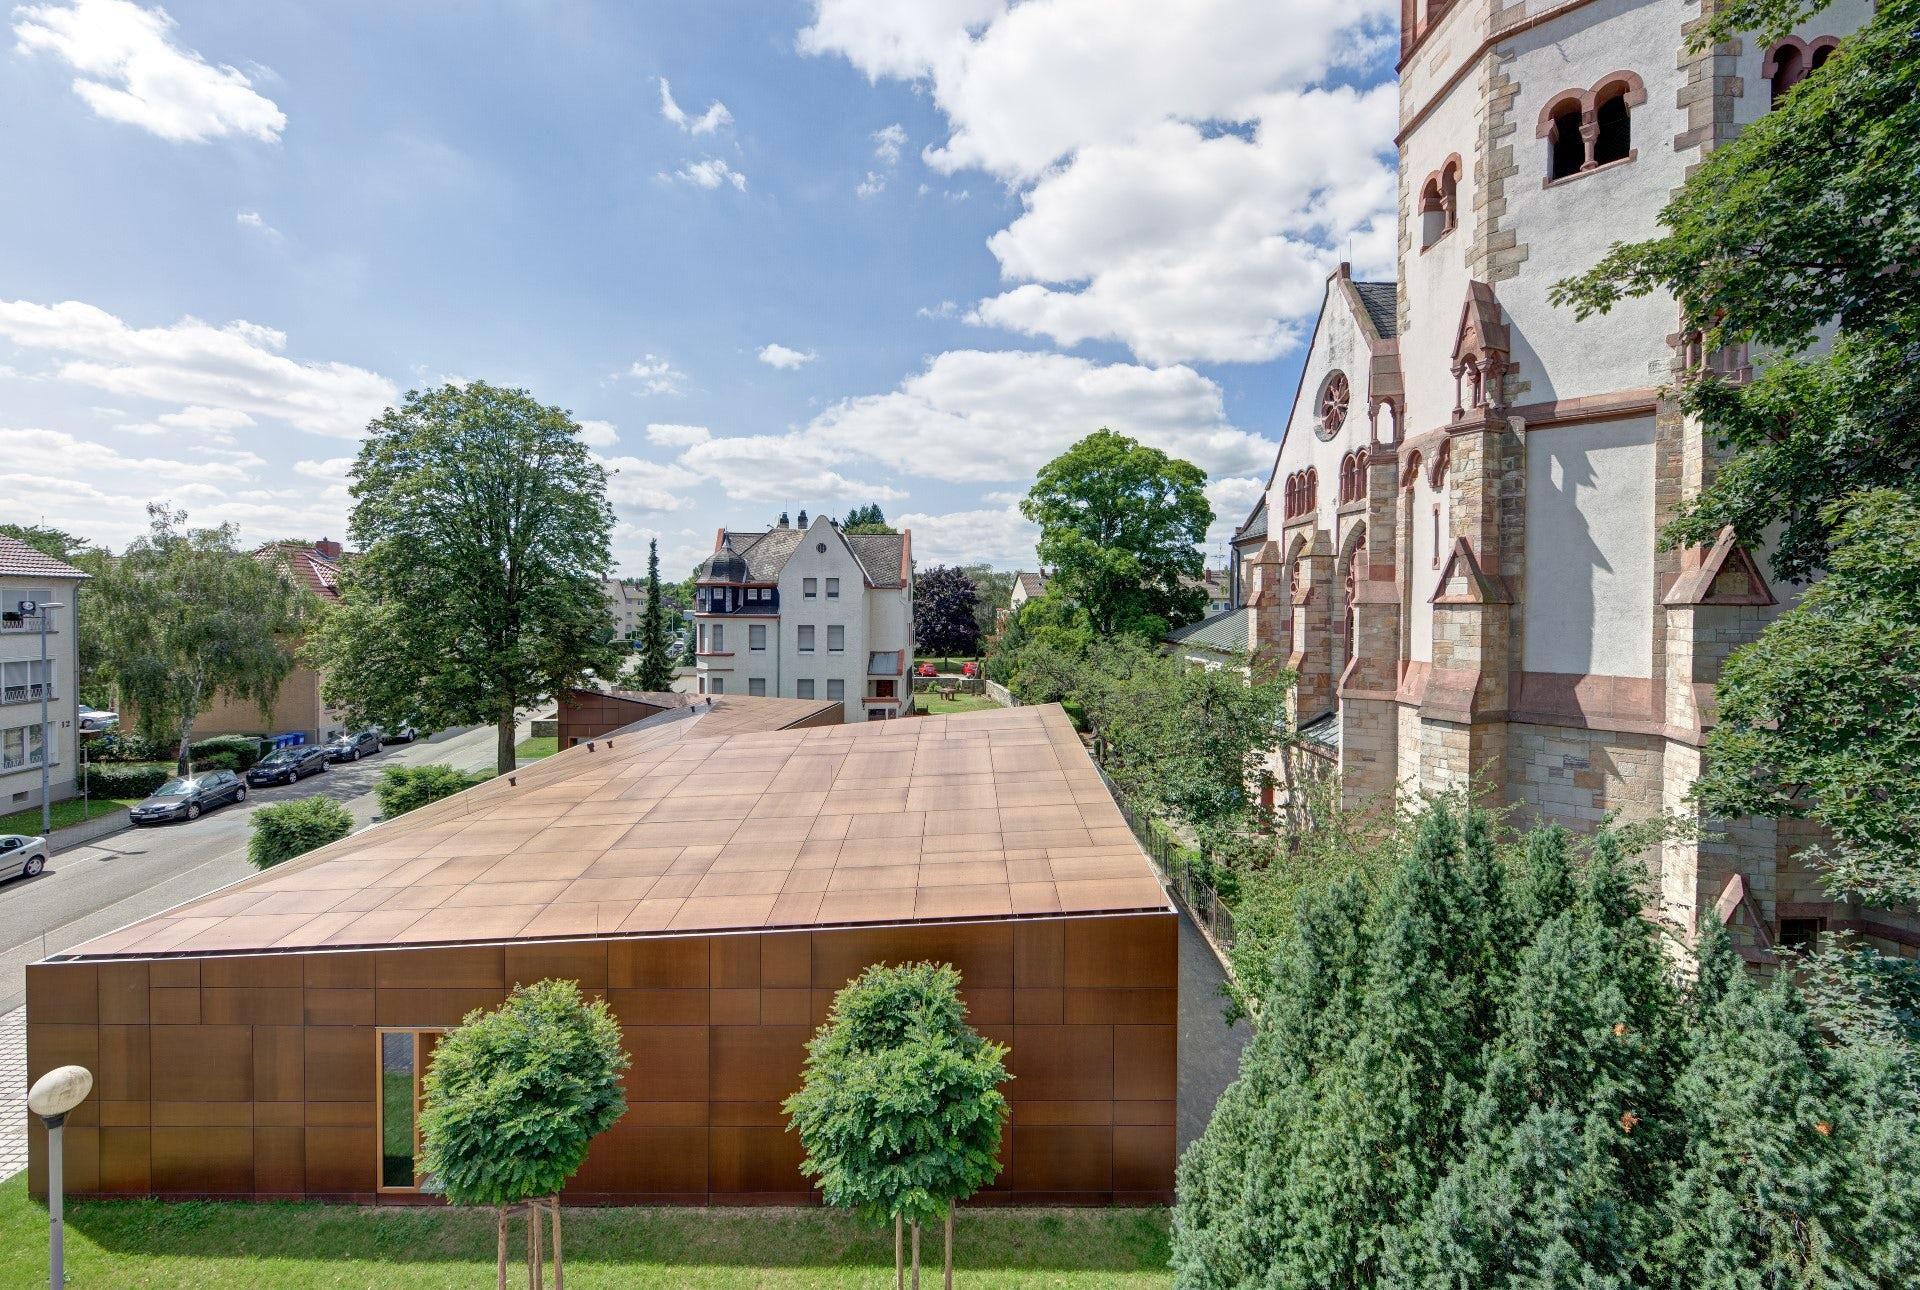 Hille Architekten gemeindezentrum ginsheim gustavsburg on architizer